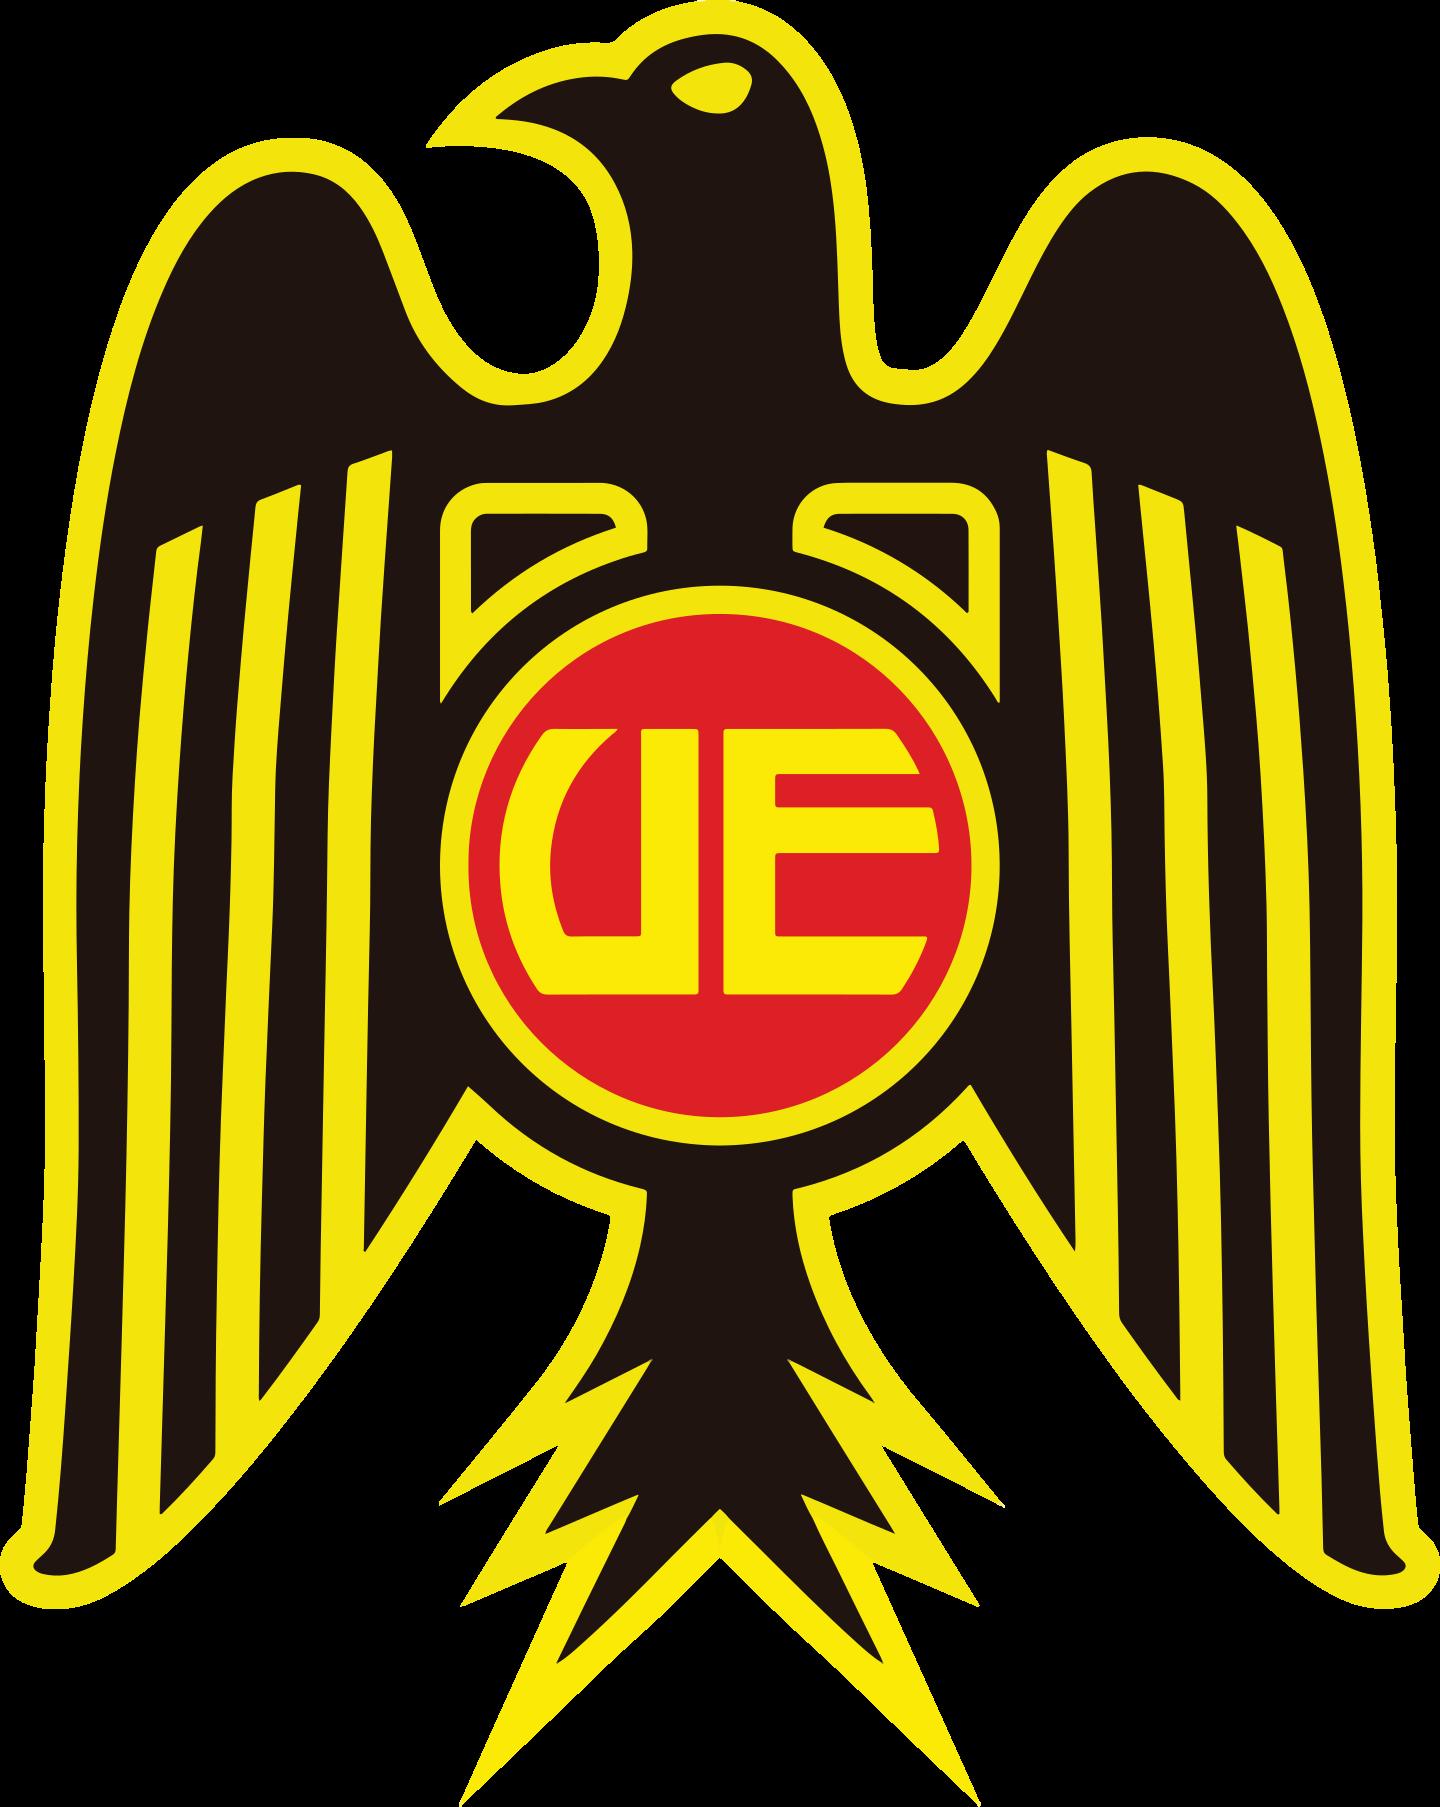 union espanola logo 2 - Unión Española Logo